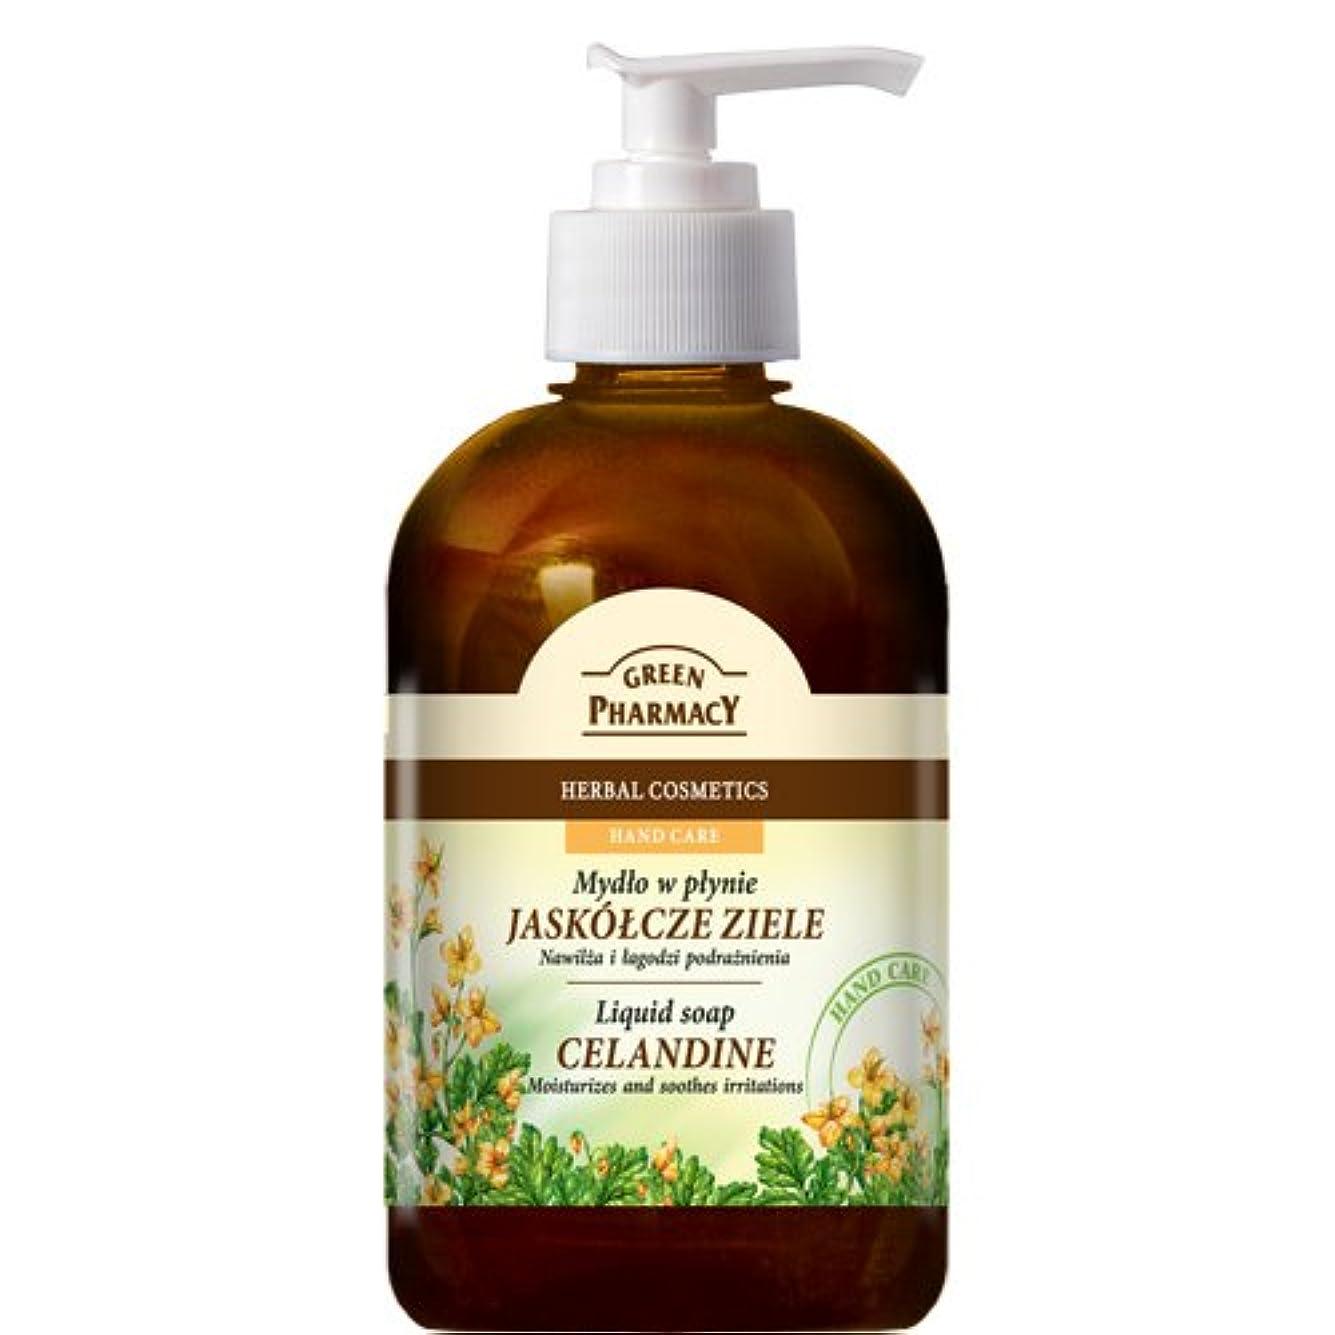 体系的に高速道路比べるElfa Pharm Green Pharmacy グリーンファーマシー Liquid Soap リキッドソープ Celandine クサノオウ